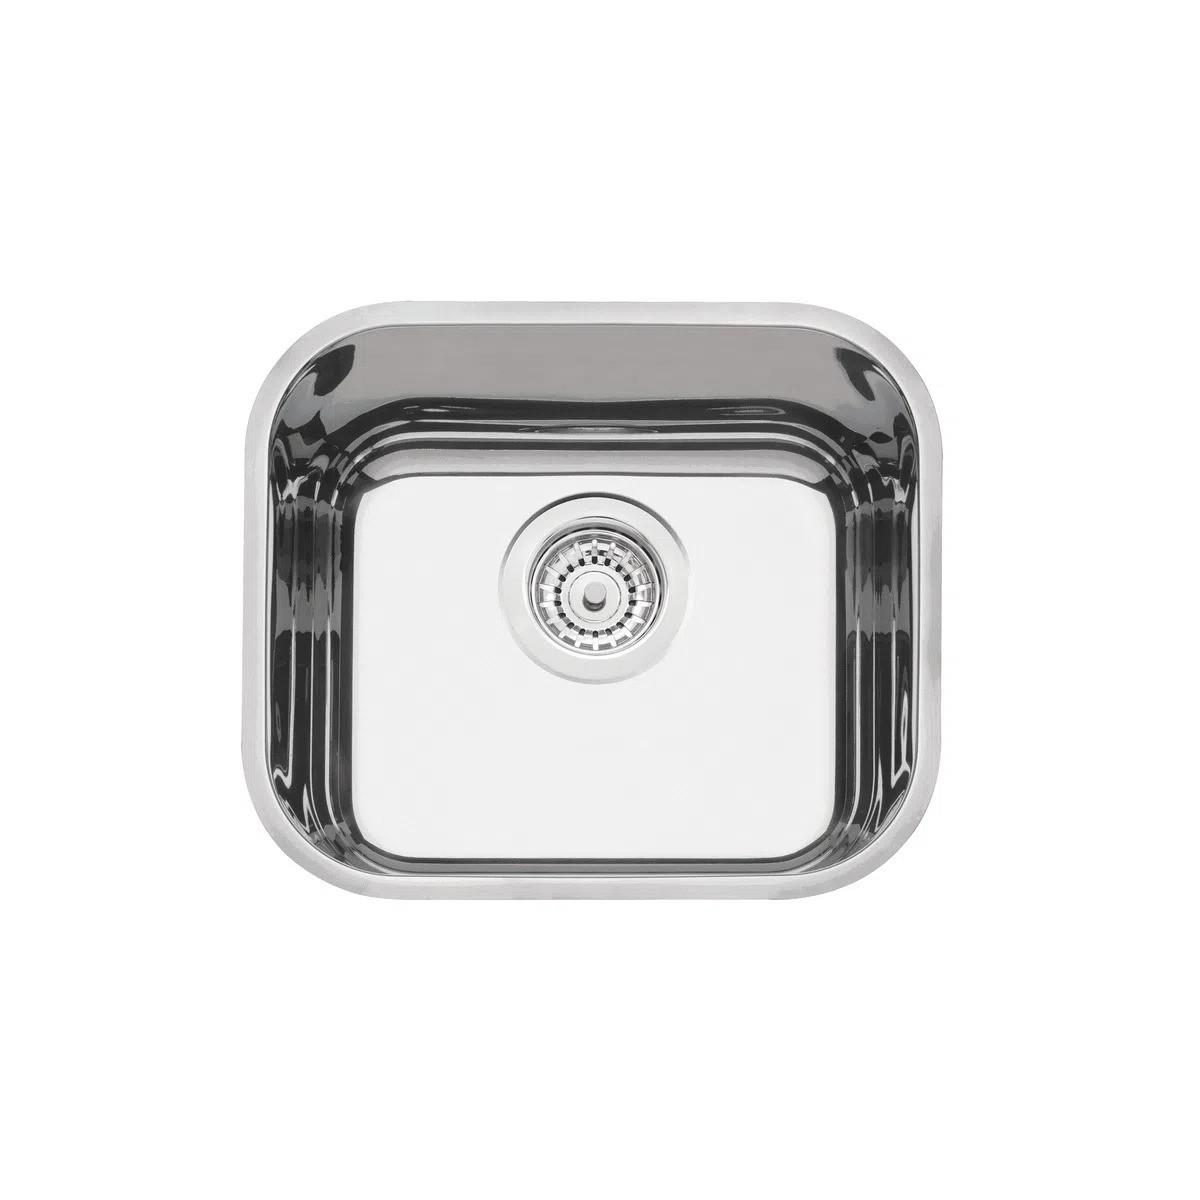 Cuba de embutir Tramontina Lavínia 40 BL em Aço Inox Polido 40x34 cm  - DOTEC SHOP